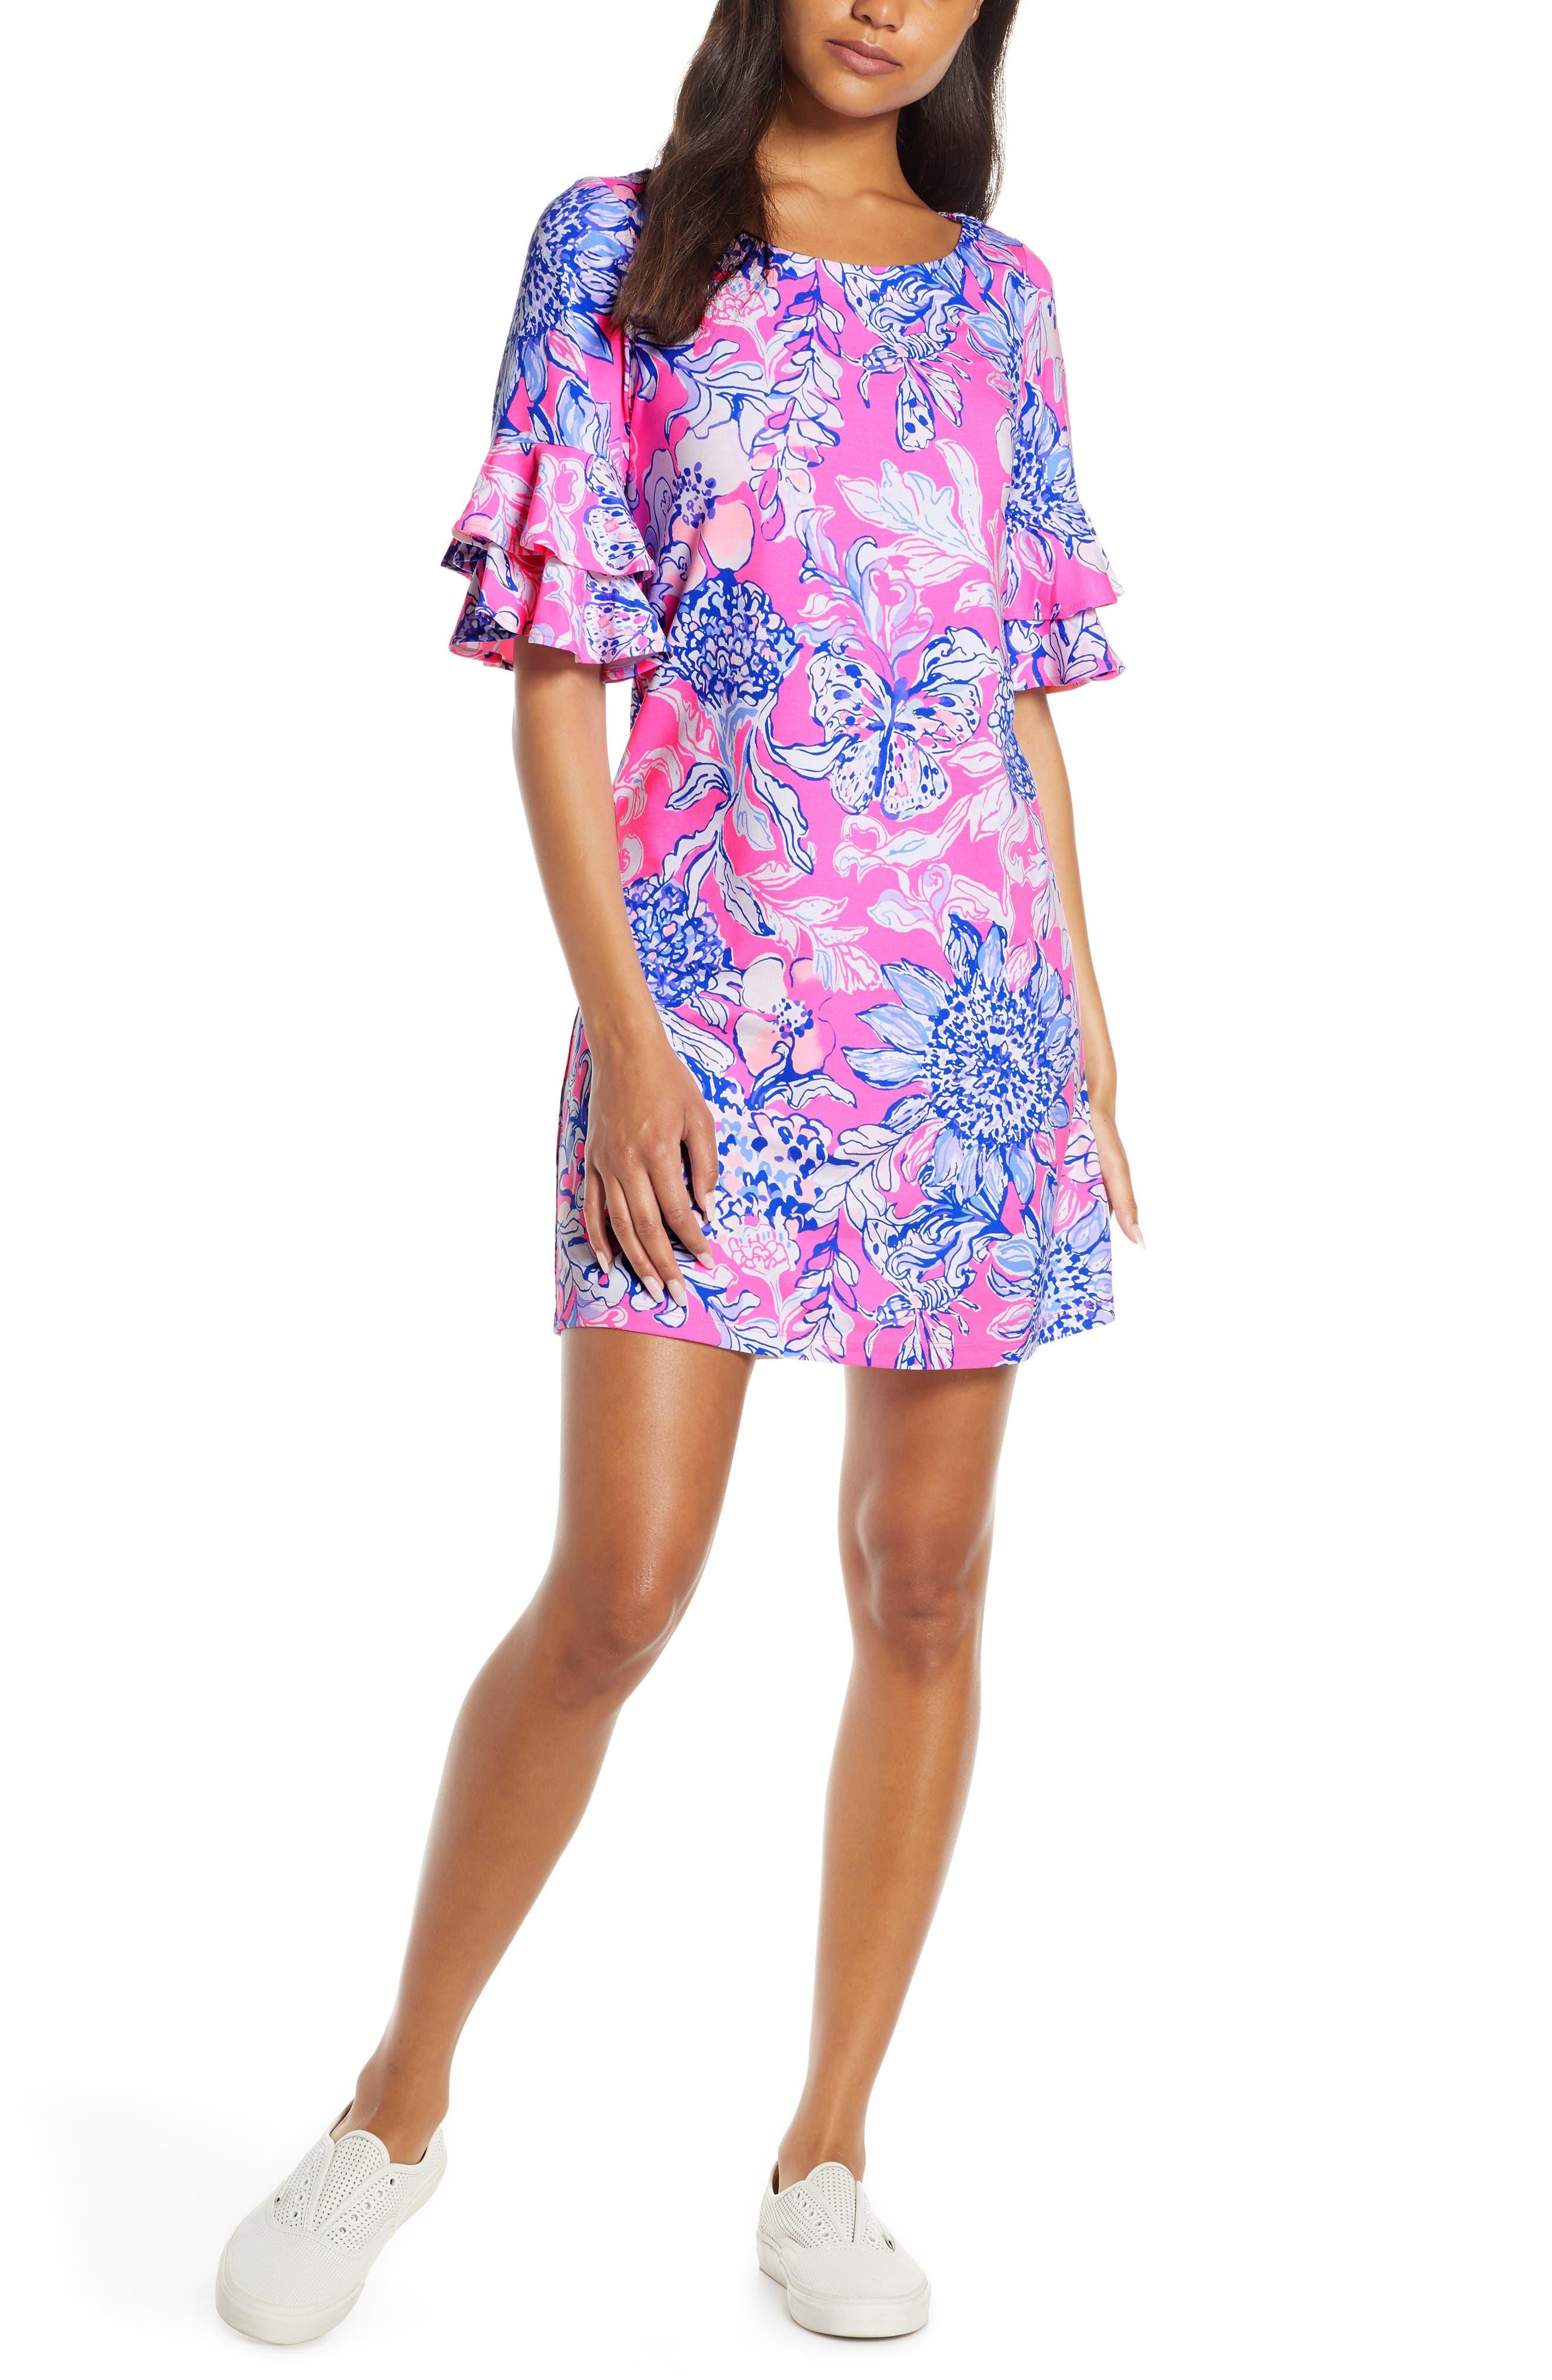 Lilly Pulitzer Lula Ruffle Sleeve Shift Dress, Pink